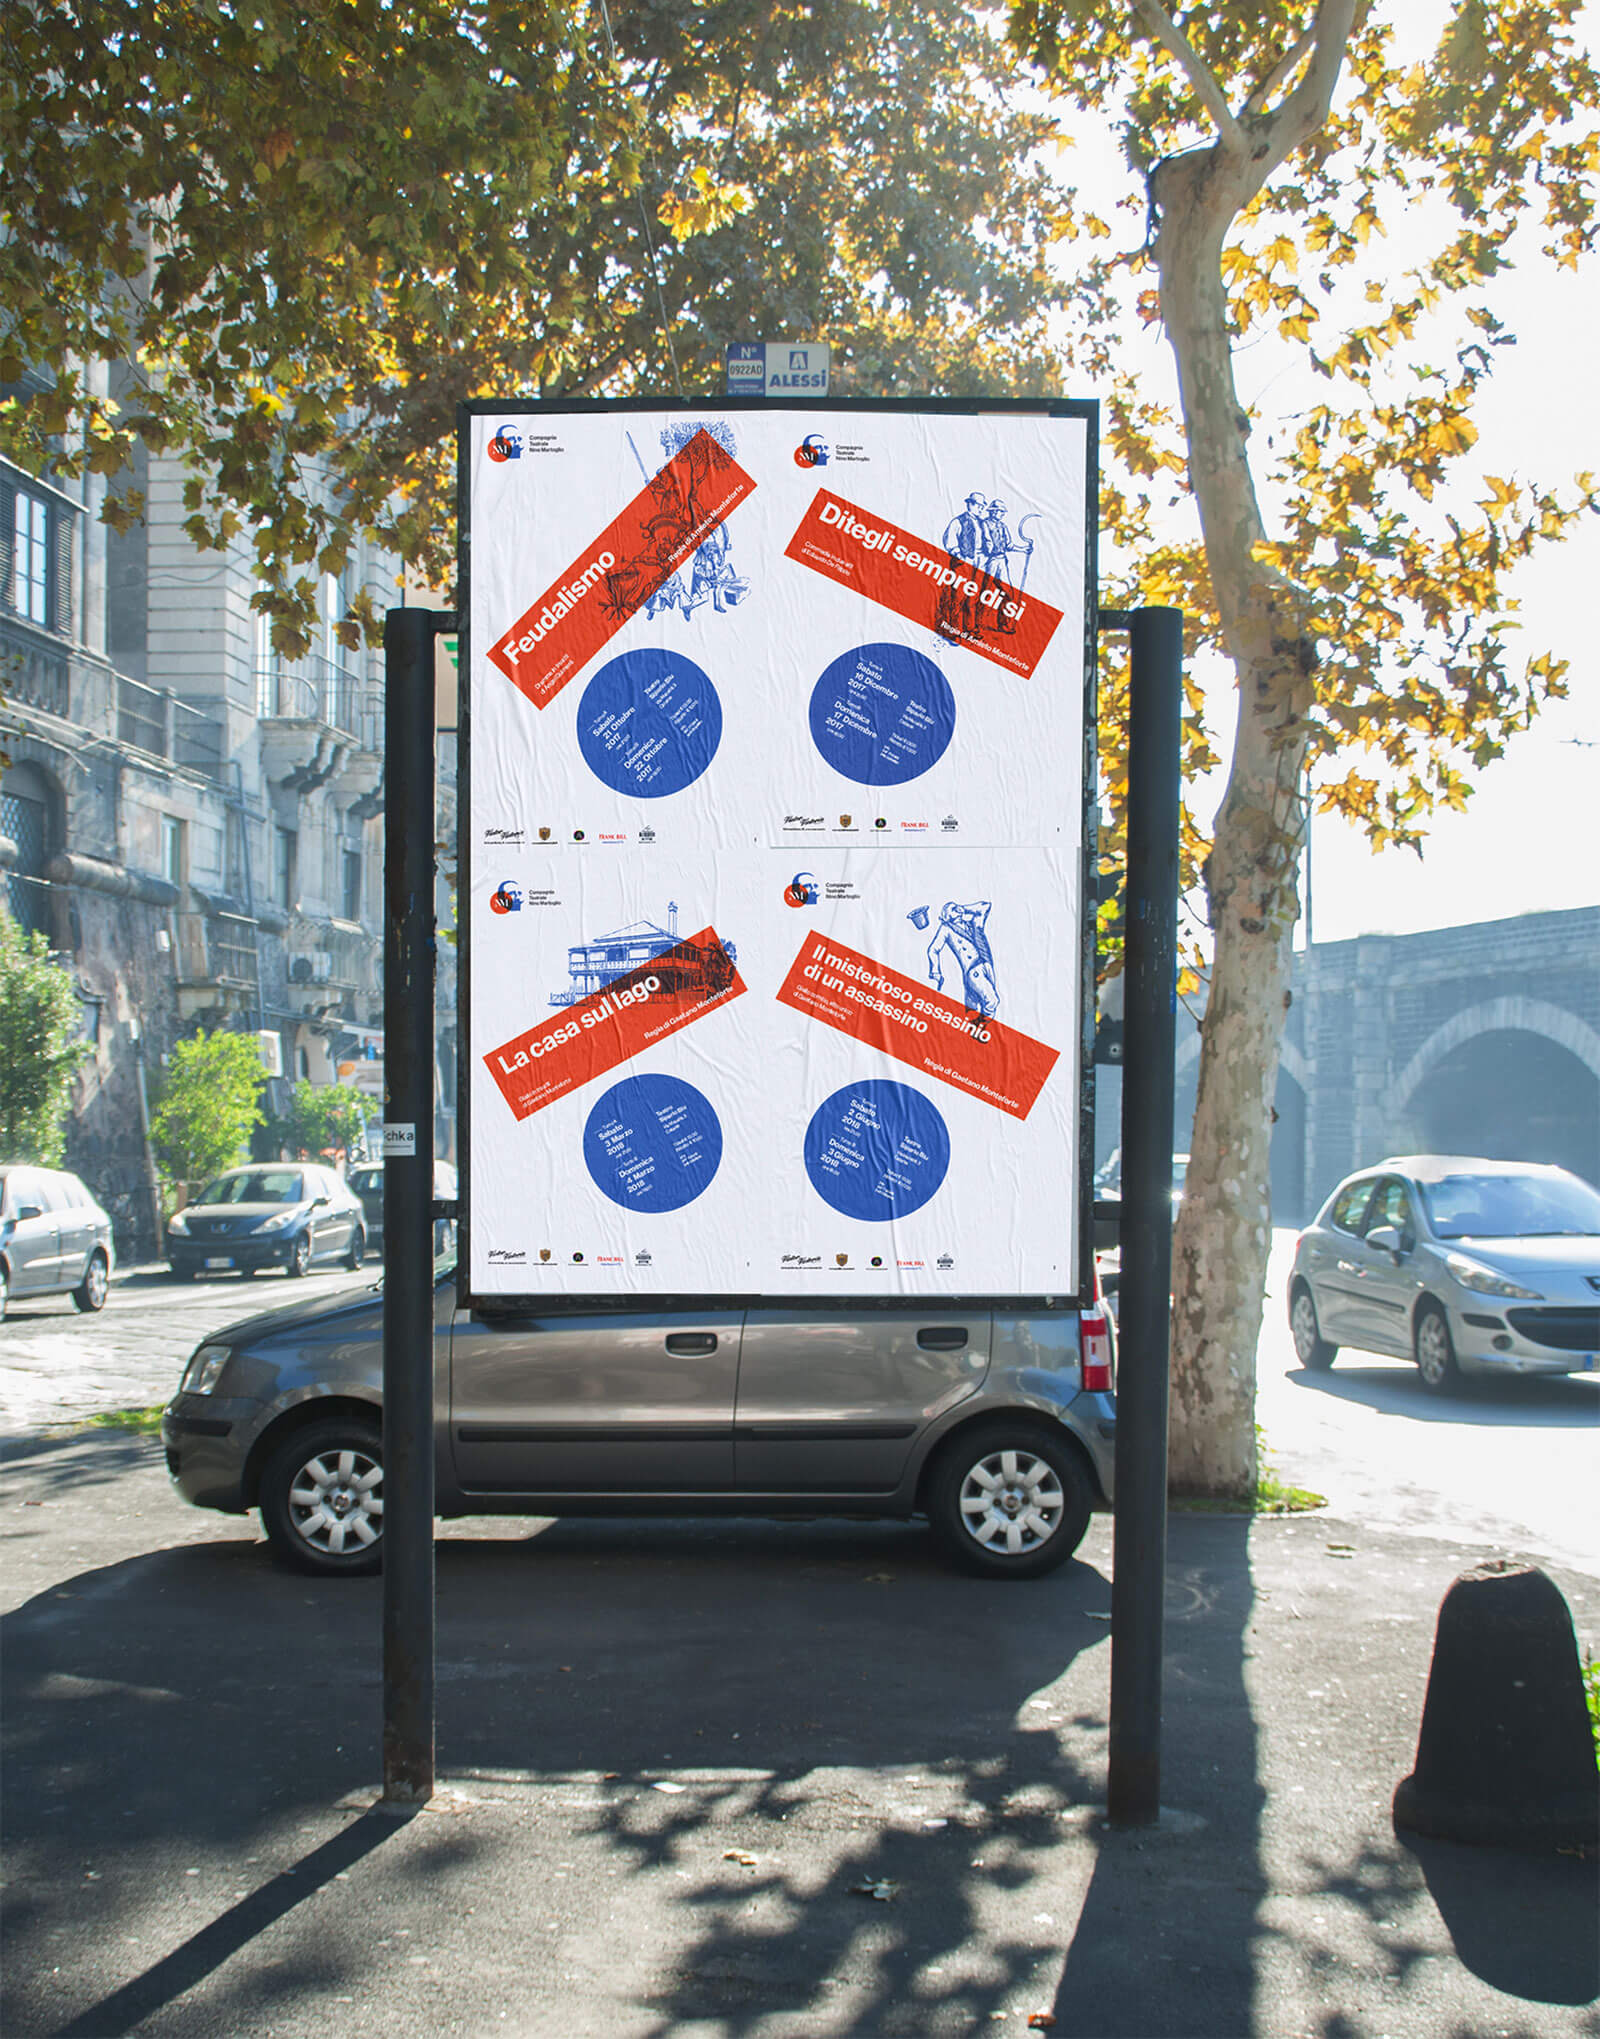 Compagnia Nino Martoglio - Manifesto pubblicitario